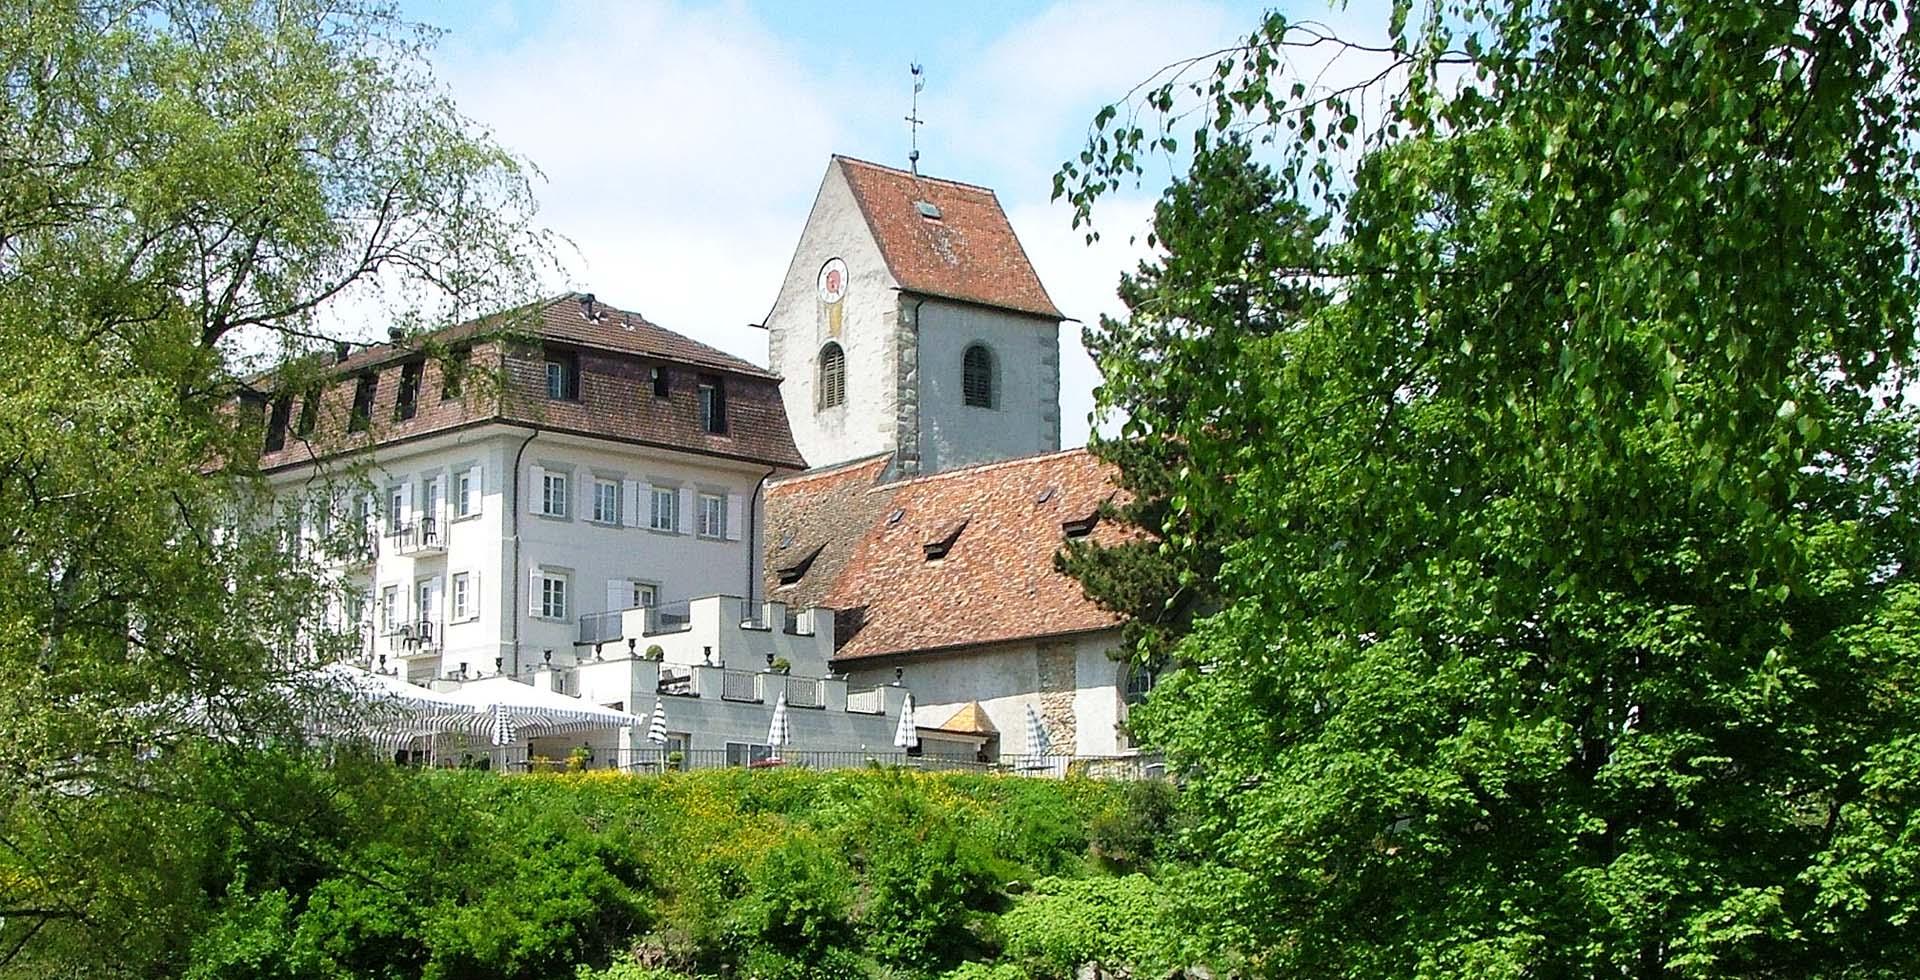 Slide-Schloss-Romanshorn-DSCF0848-1920x980